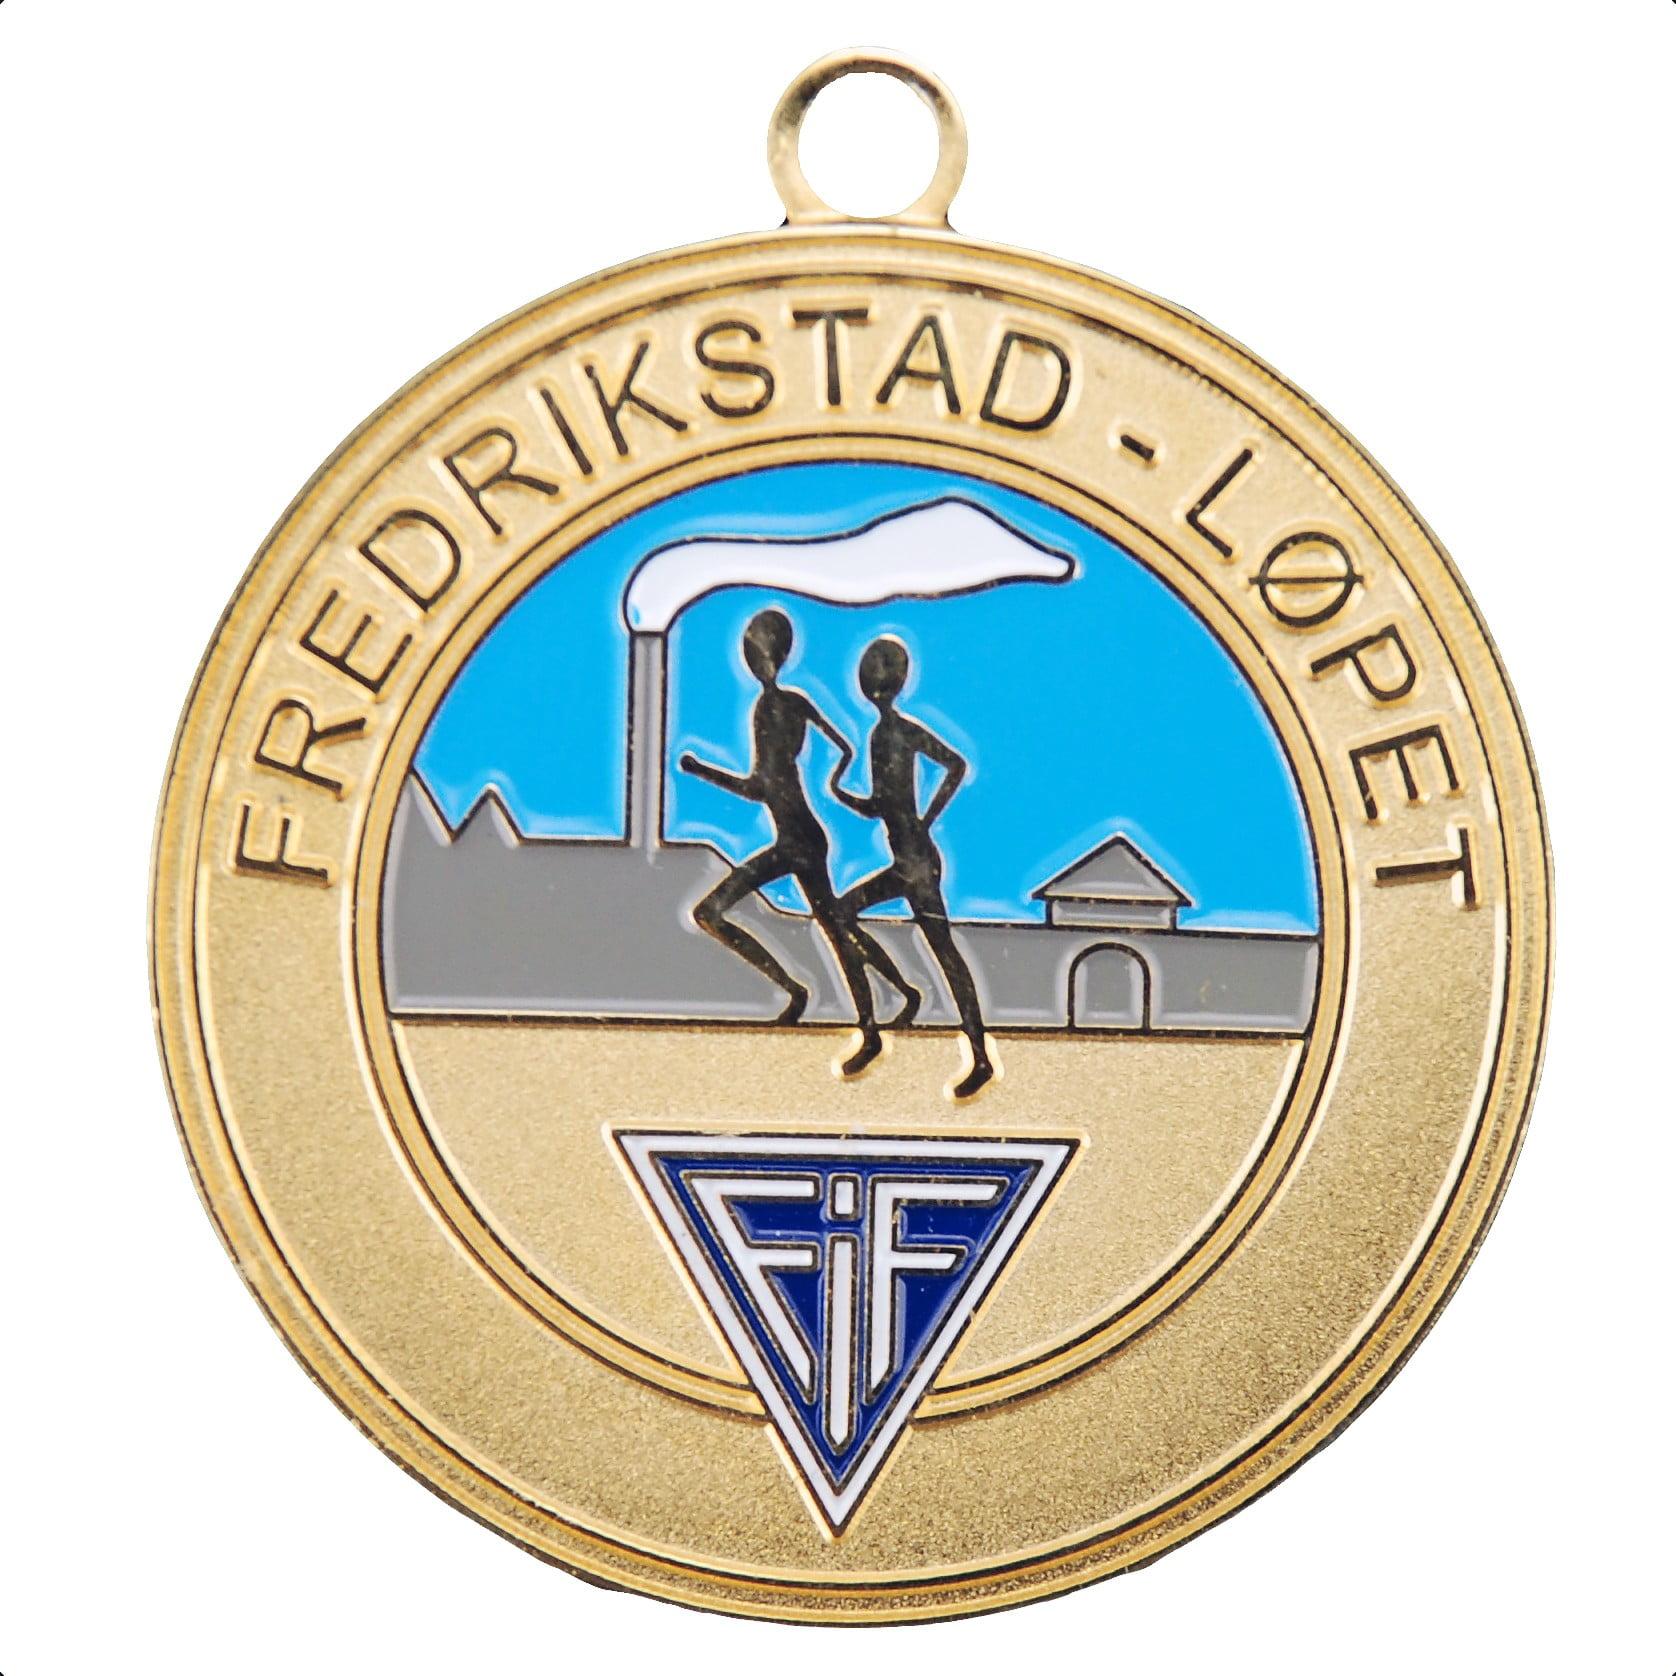 Spesial Fredrisktadlopet2 - Spesialproduserte medaljer